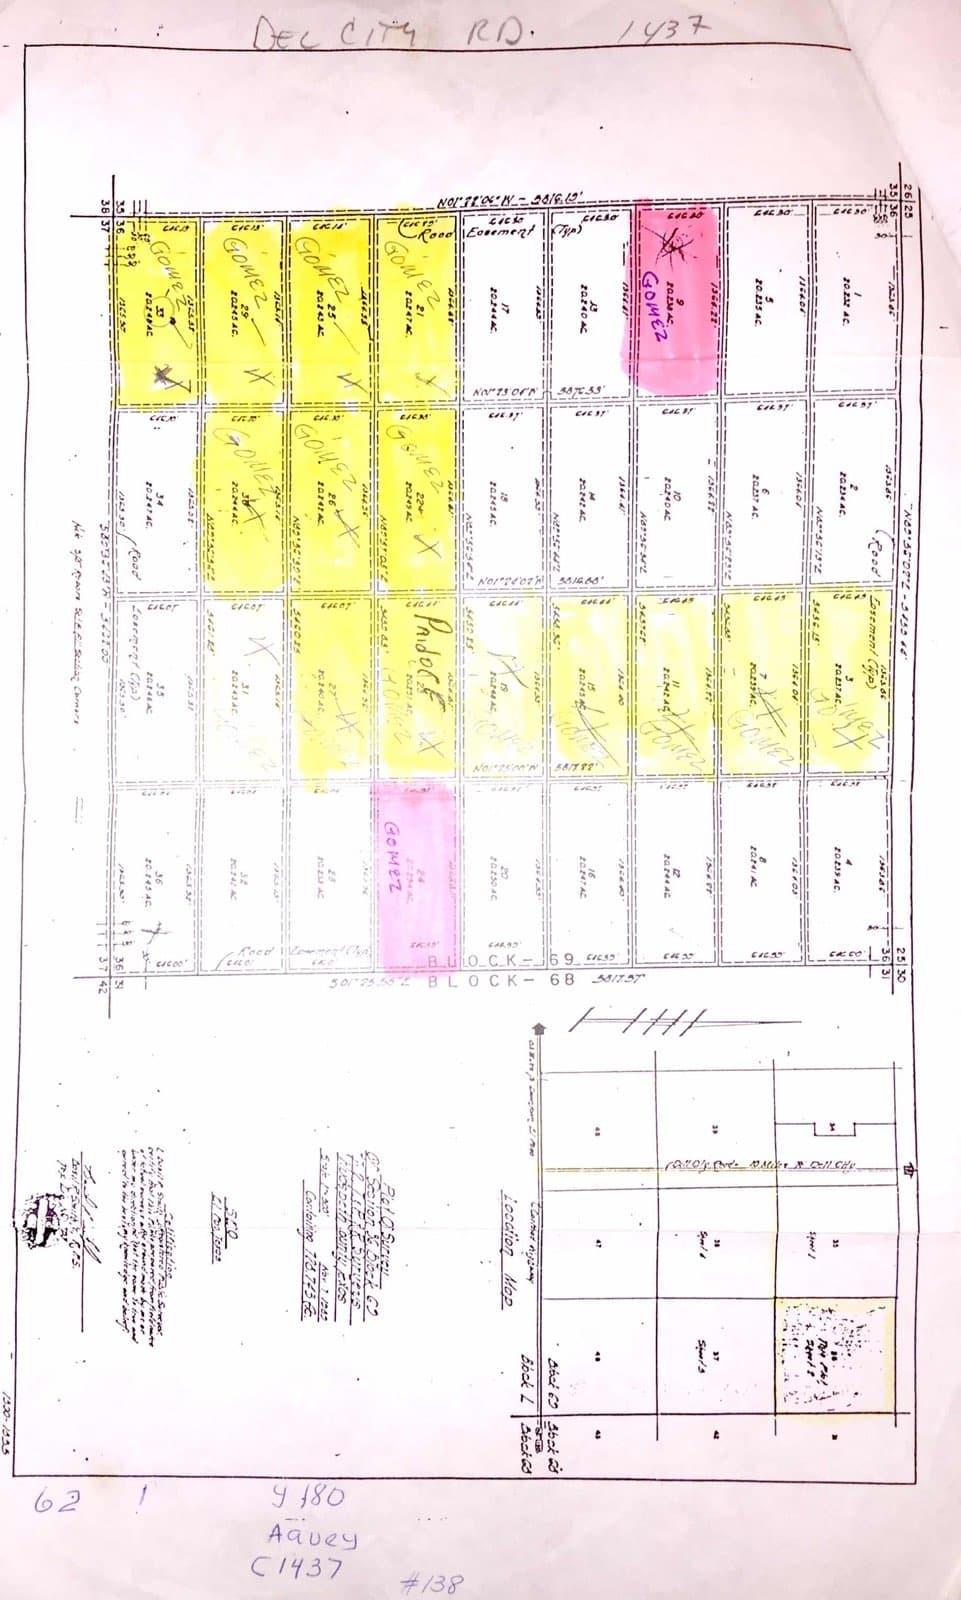 20 Vista Heights #3, Sierra Blanca, Texas 79851, ,Land,For sale,Vista Heights #3,838865